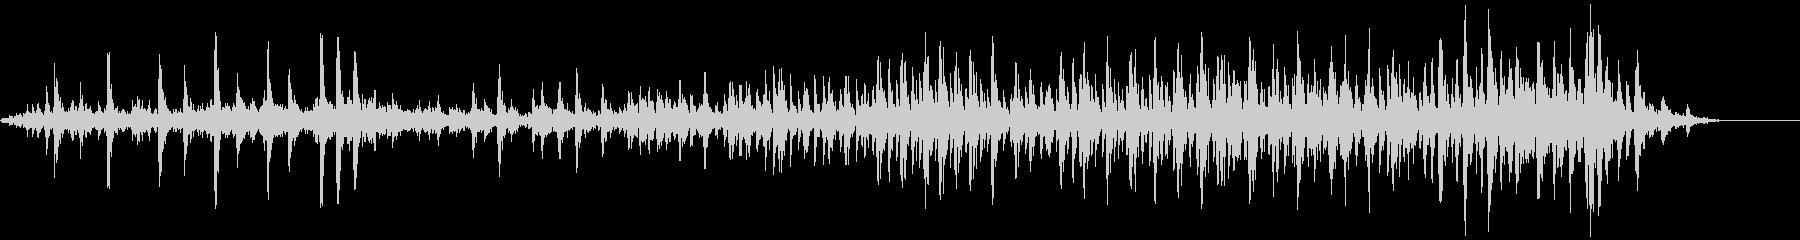 フラメンコミュージック-ナイトクラブ5の未再生の波形